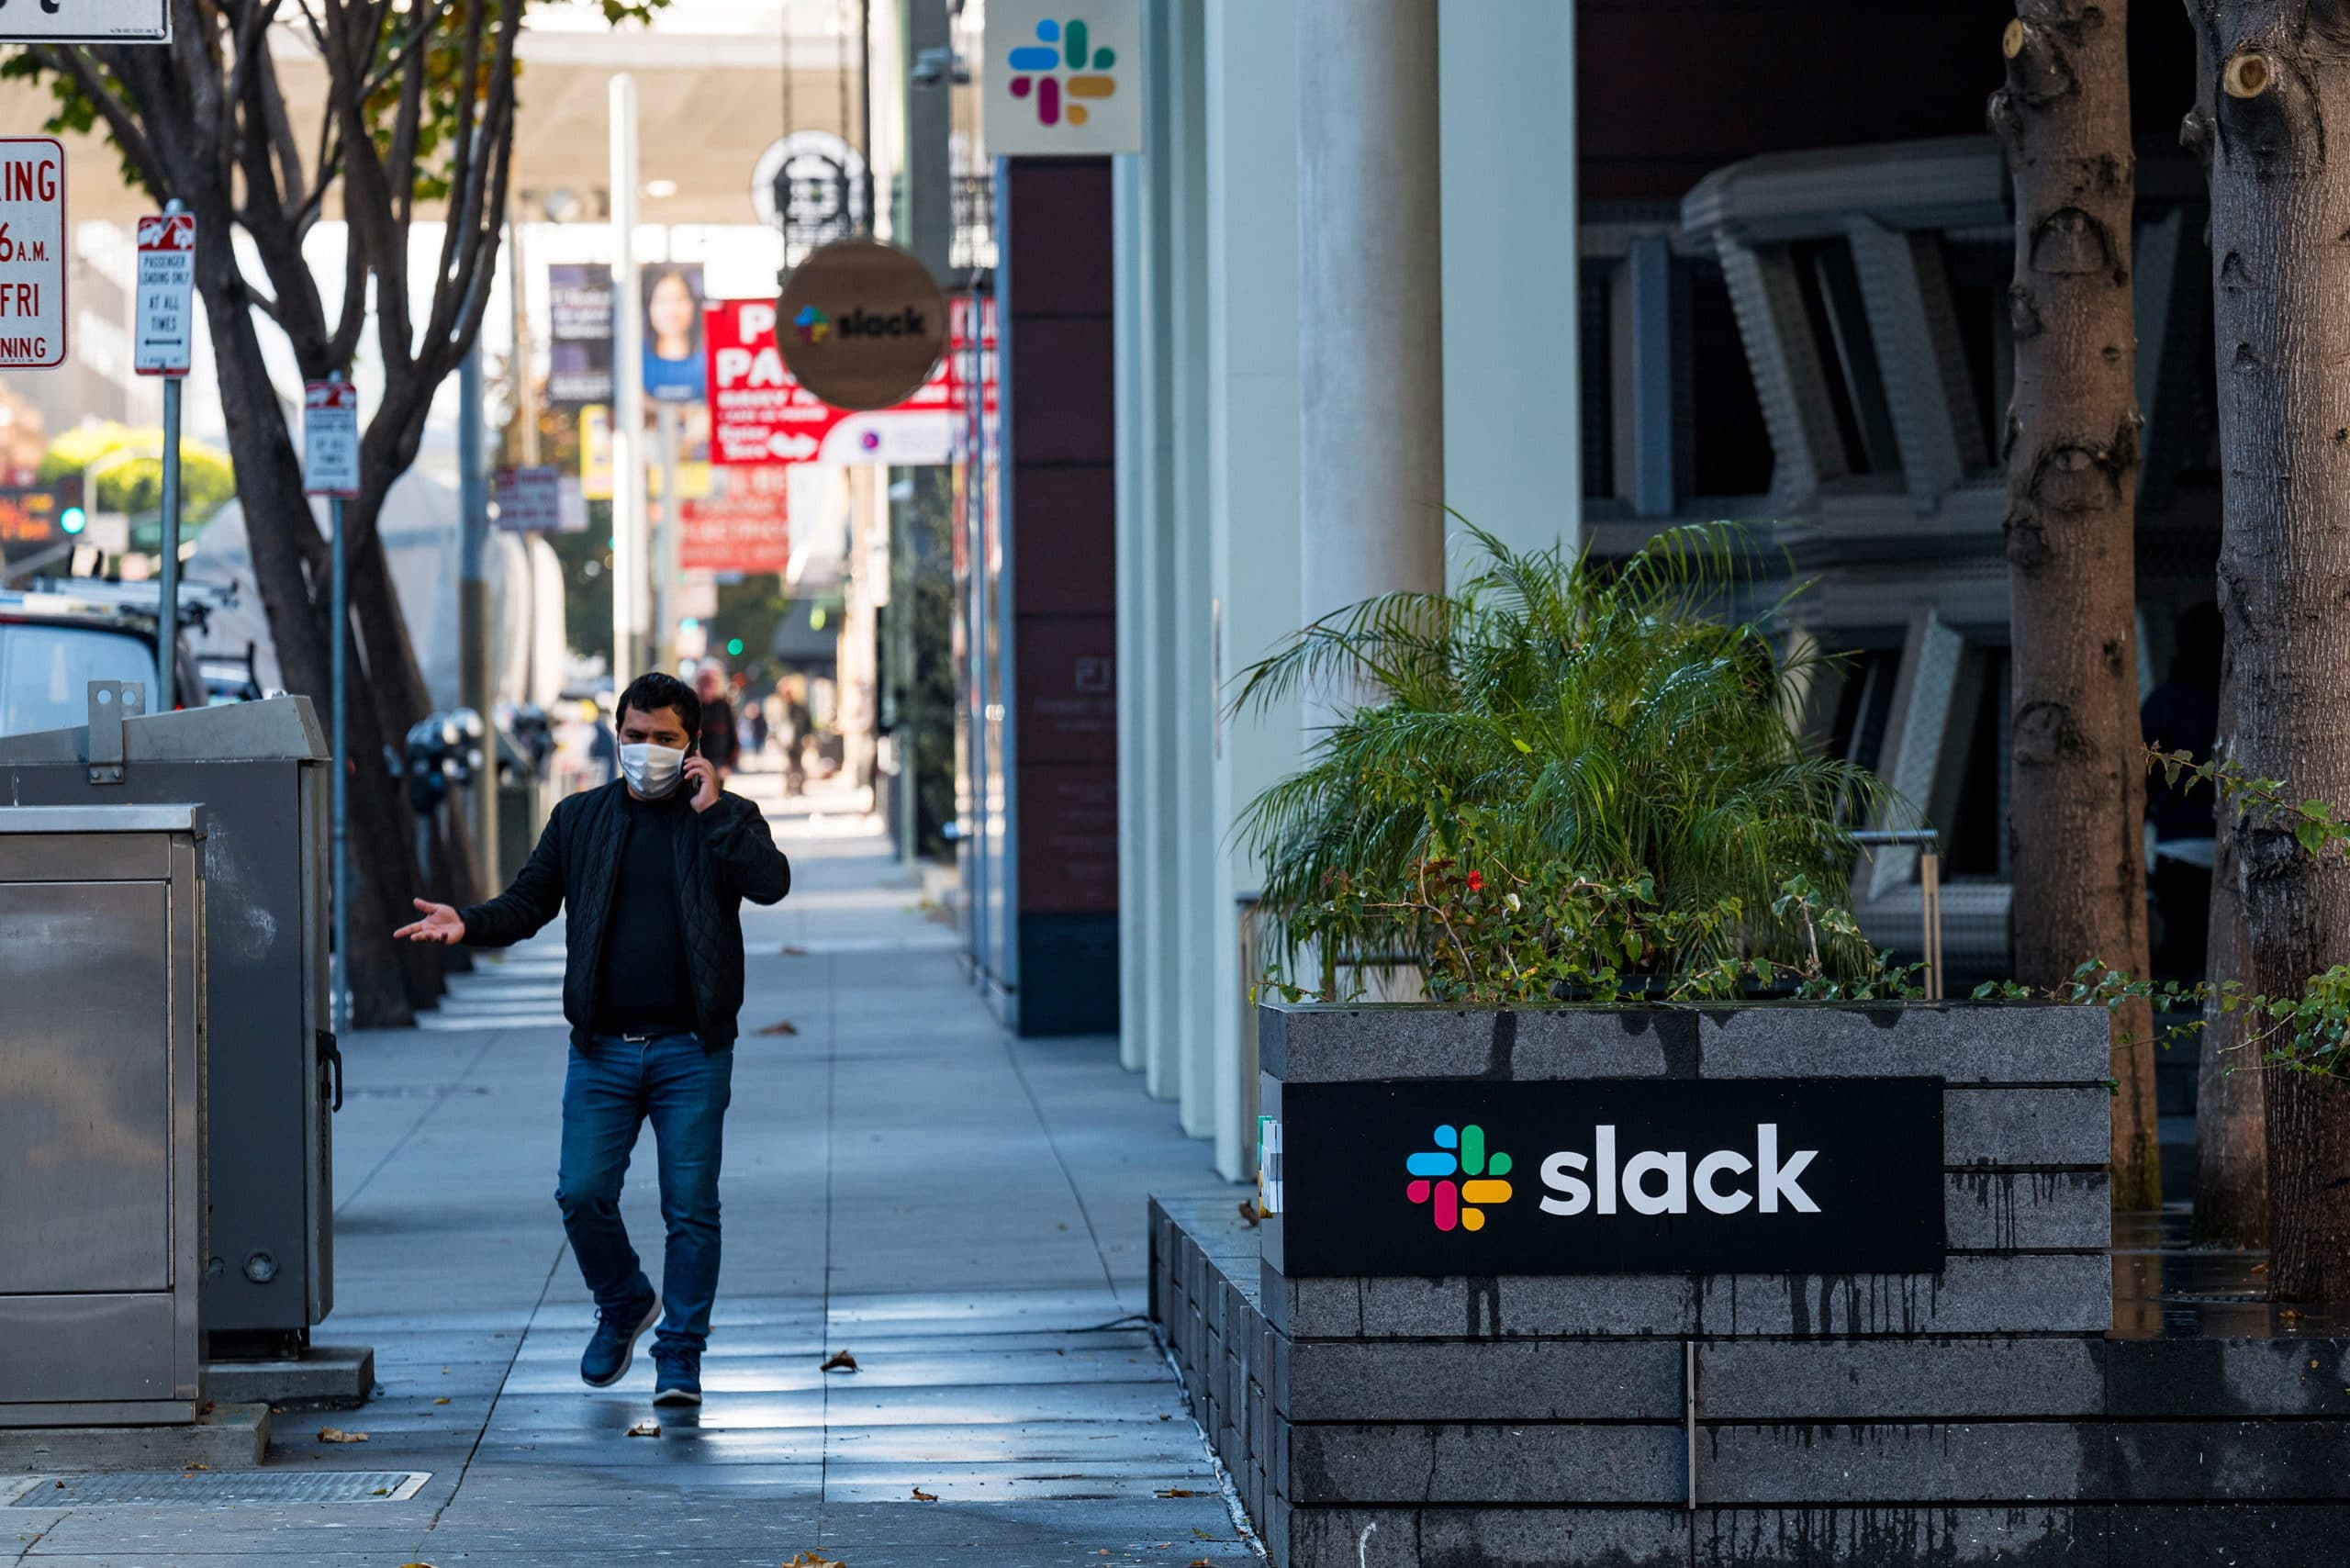 Salesforce To Buy Software Maker Slack For $27.7 Billion